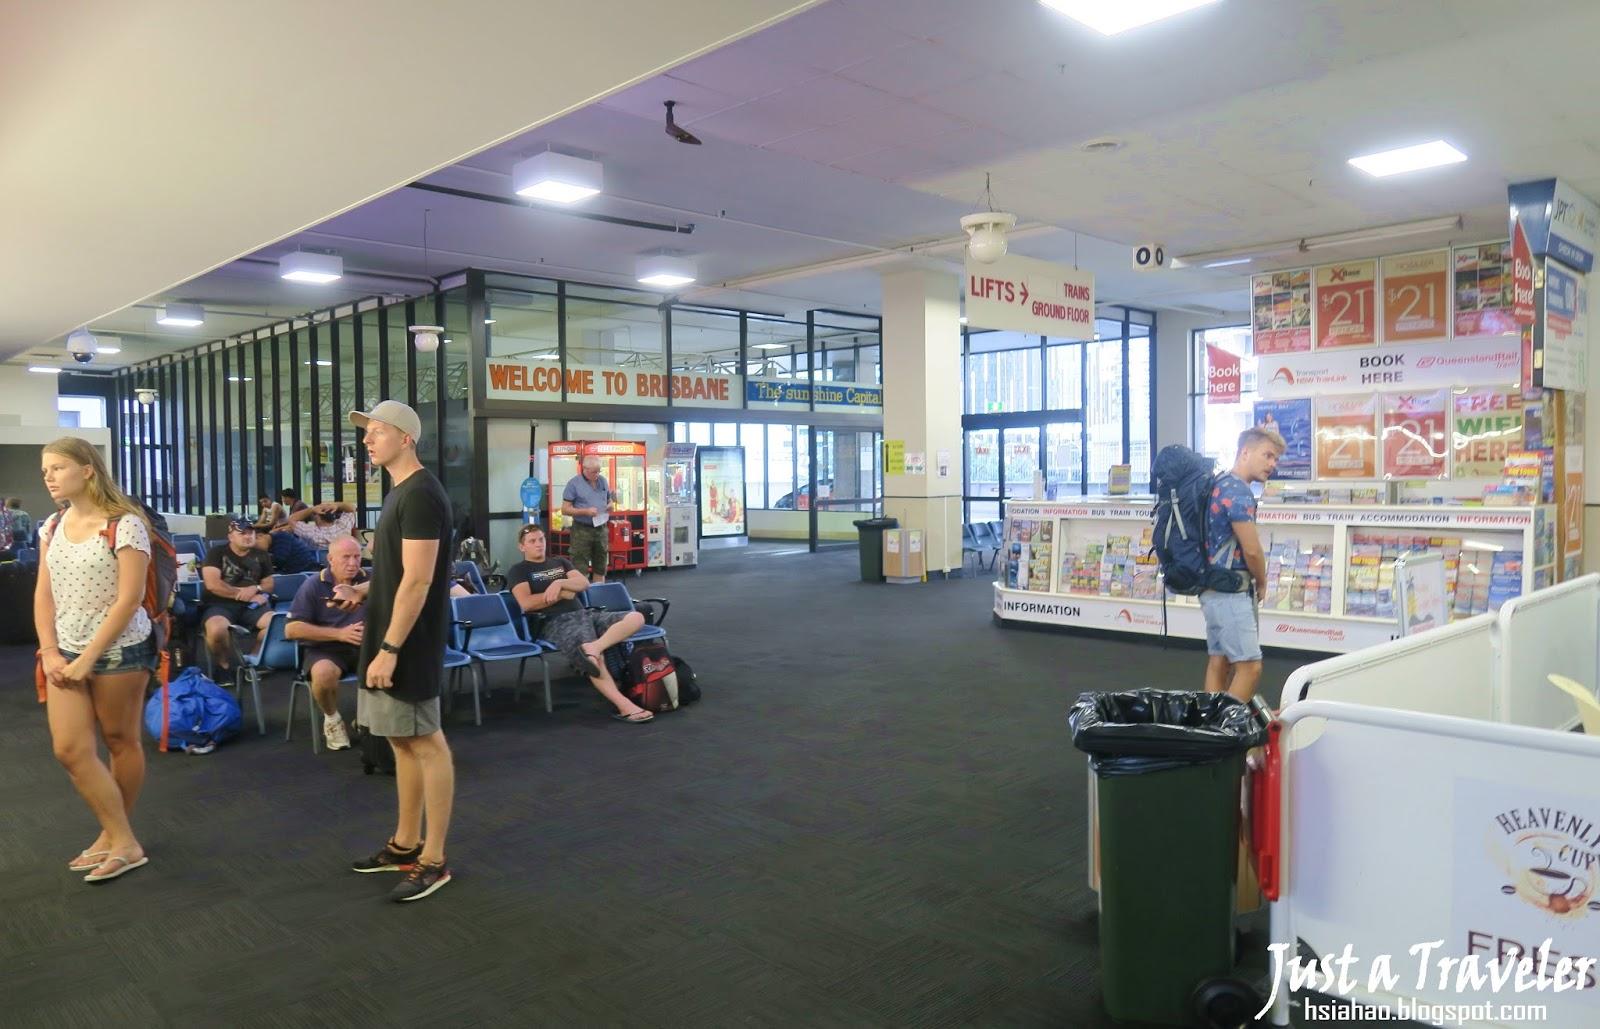 布里斯本-摩頓島-Roma-Street-景點-交通-住宿-推薦-旅遊-自由行-澳洲-Brisbane-Moreton-Island-Tourist-Attraction-Travel-Australia